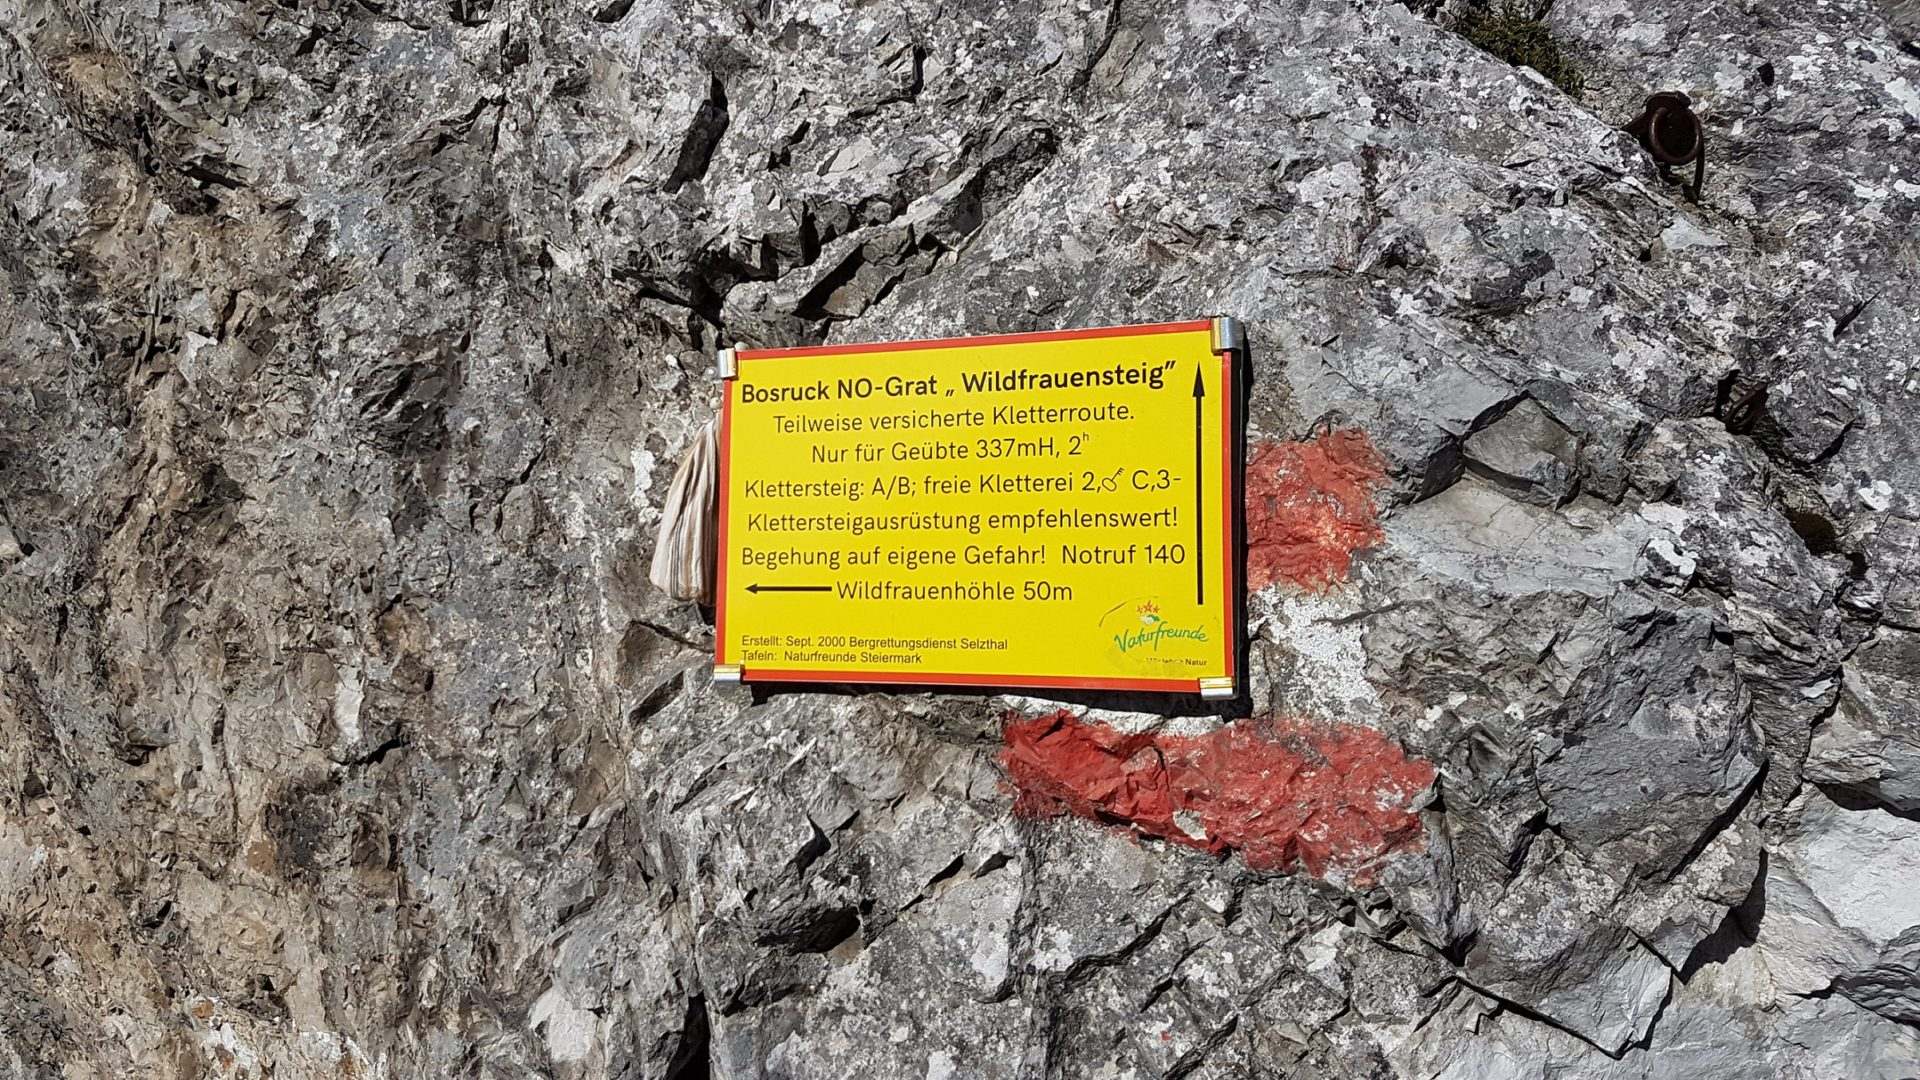 Wildfrauensteig Bosruck Privatzimmer und Ferienwohnungen Gassner Nationalpark Gesäuse